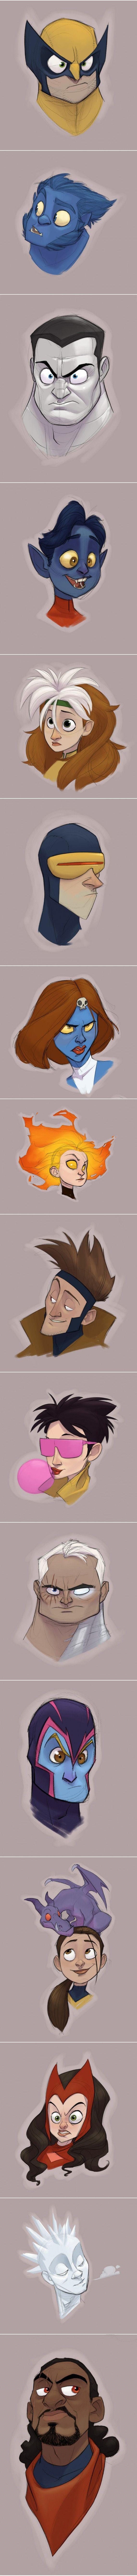 The X-Men by Randy Bishop on Fanactu.com   RandyBishopArt.com